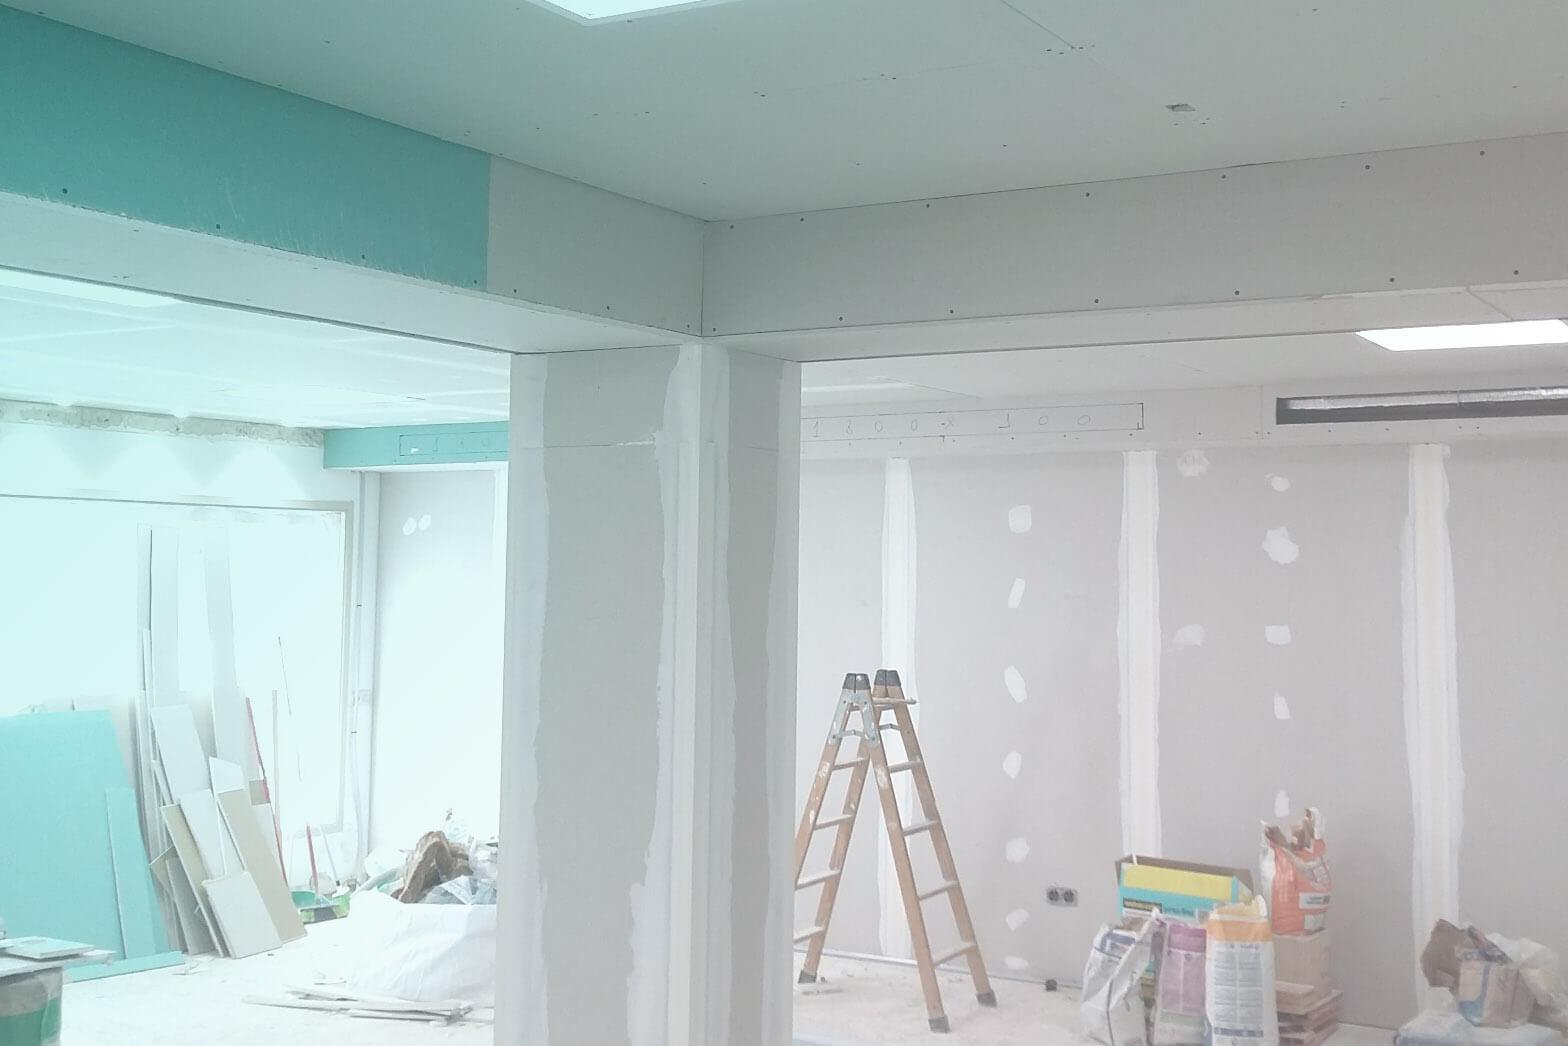 Paredes de pladur o de ladrillo cu l es la mejor opci n - Aislantes termicos para paredes interiores ...